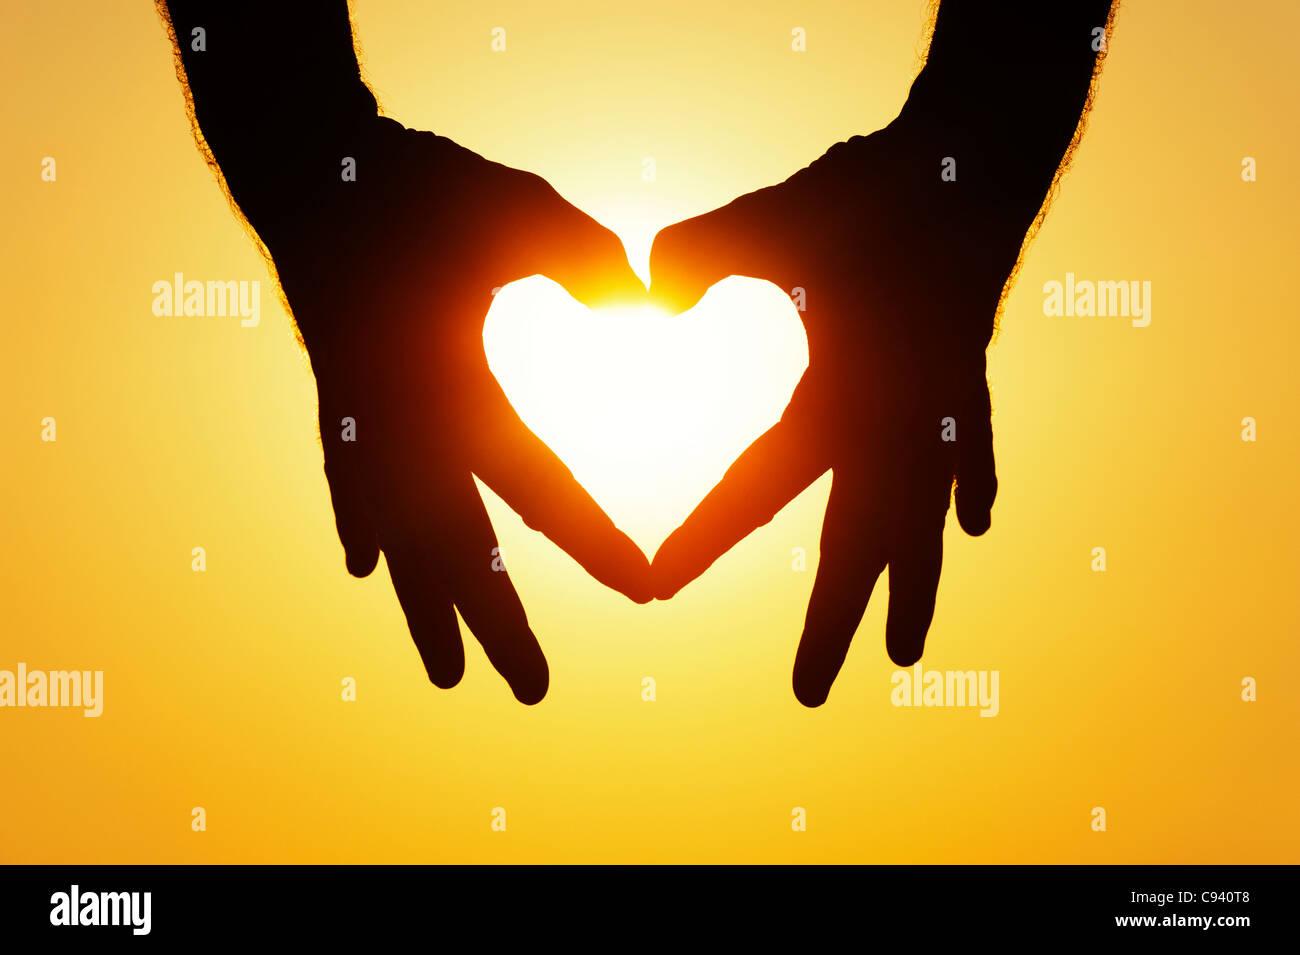 Forma di cuore mani silhouette contro il sole di setting Immagini Stock